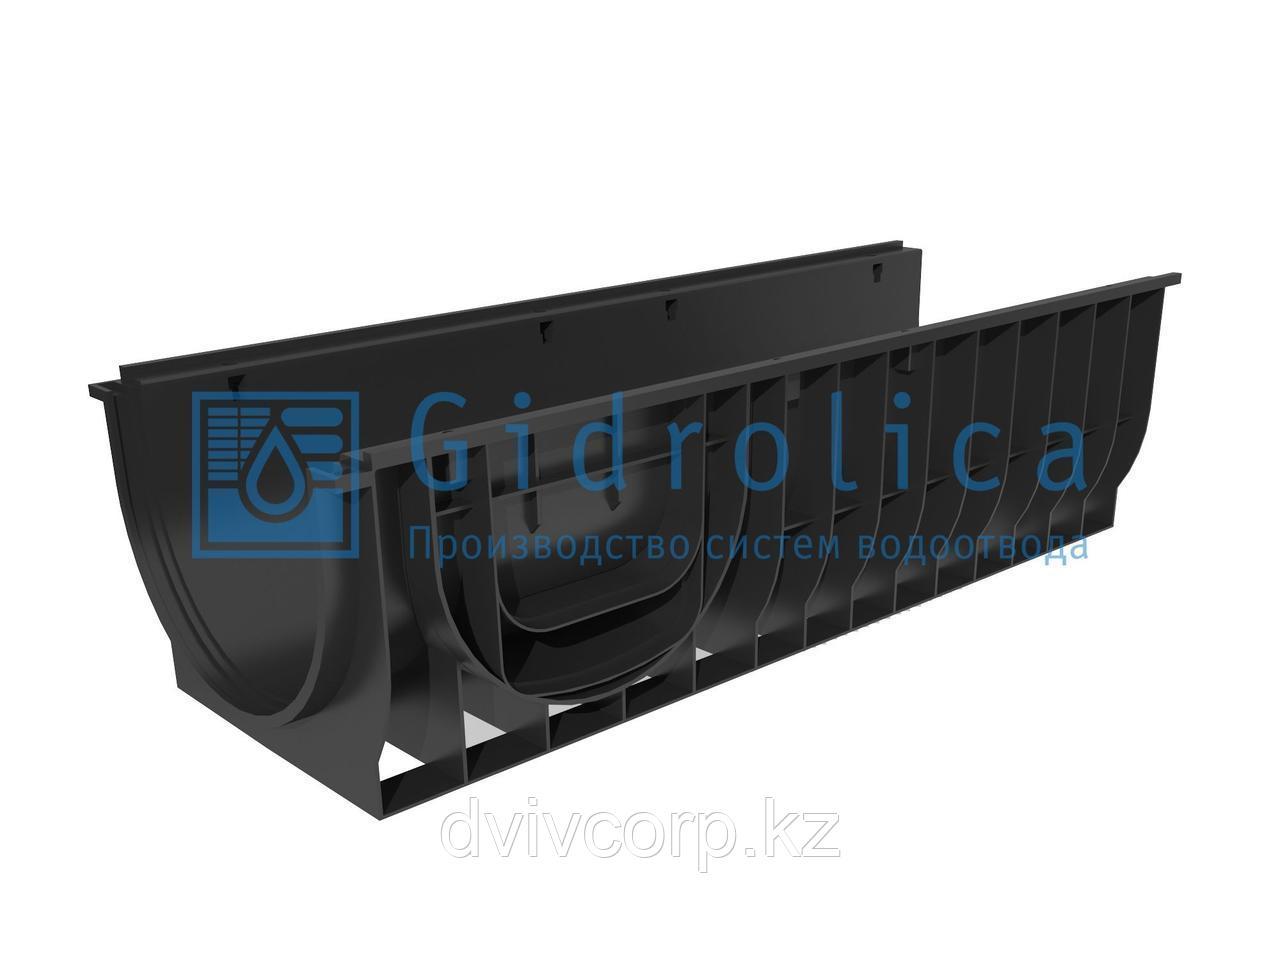 Арт. 832 Лоток водоотводный Gidrolica Standart ЛВ-30.38.28 - пластиковый